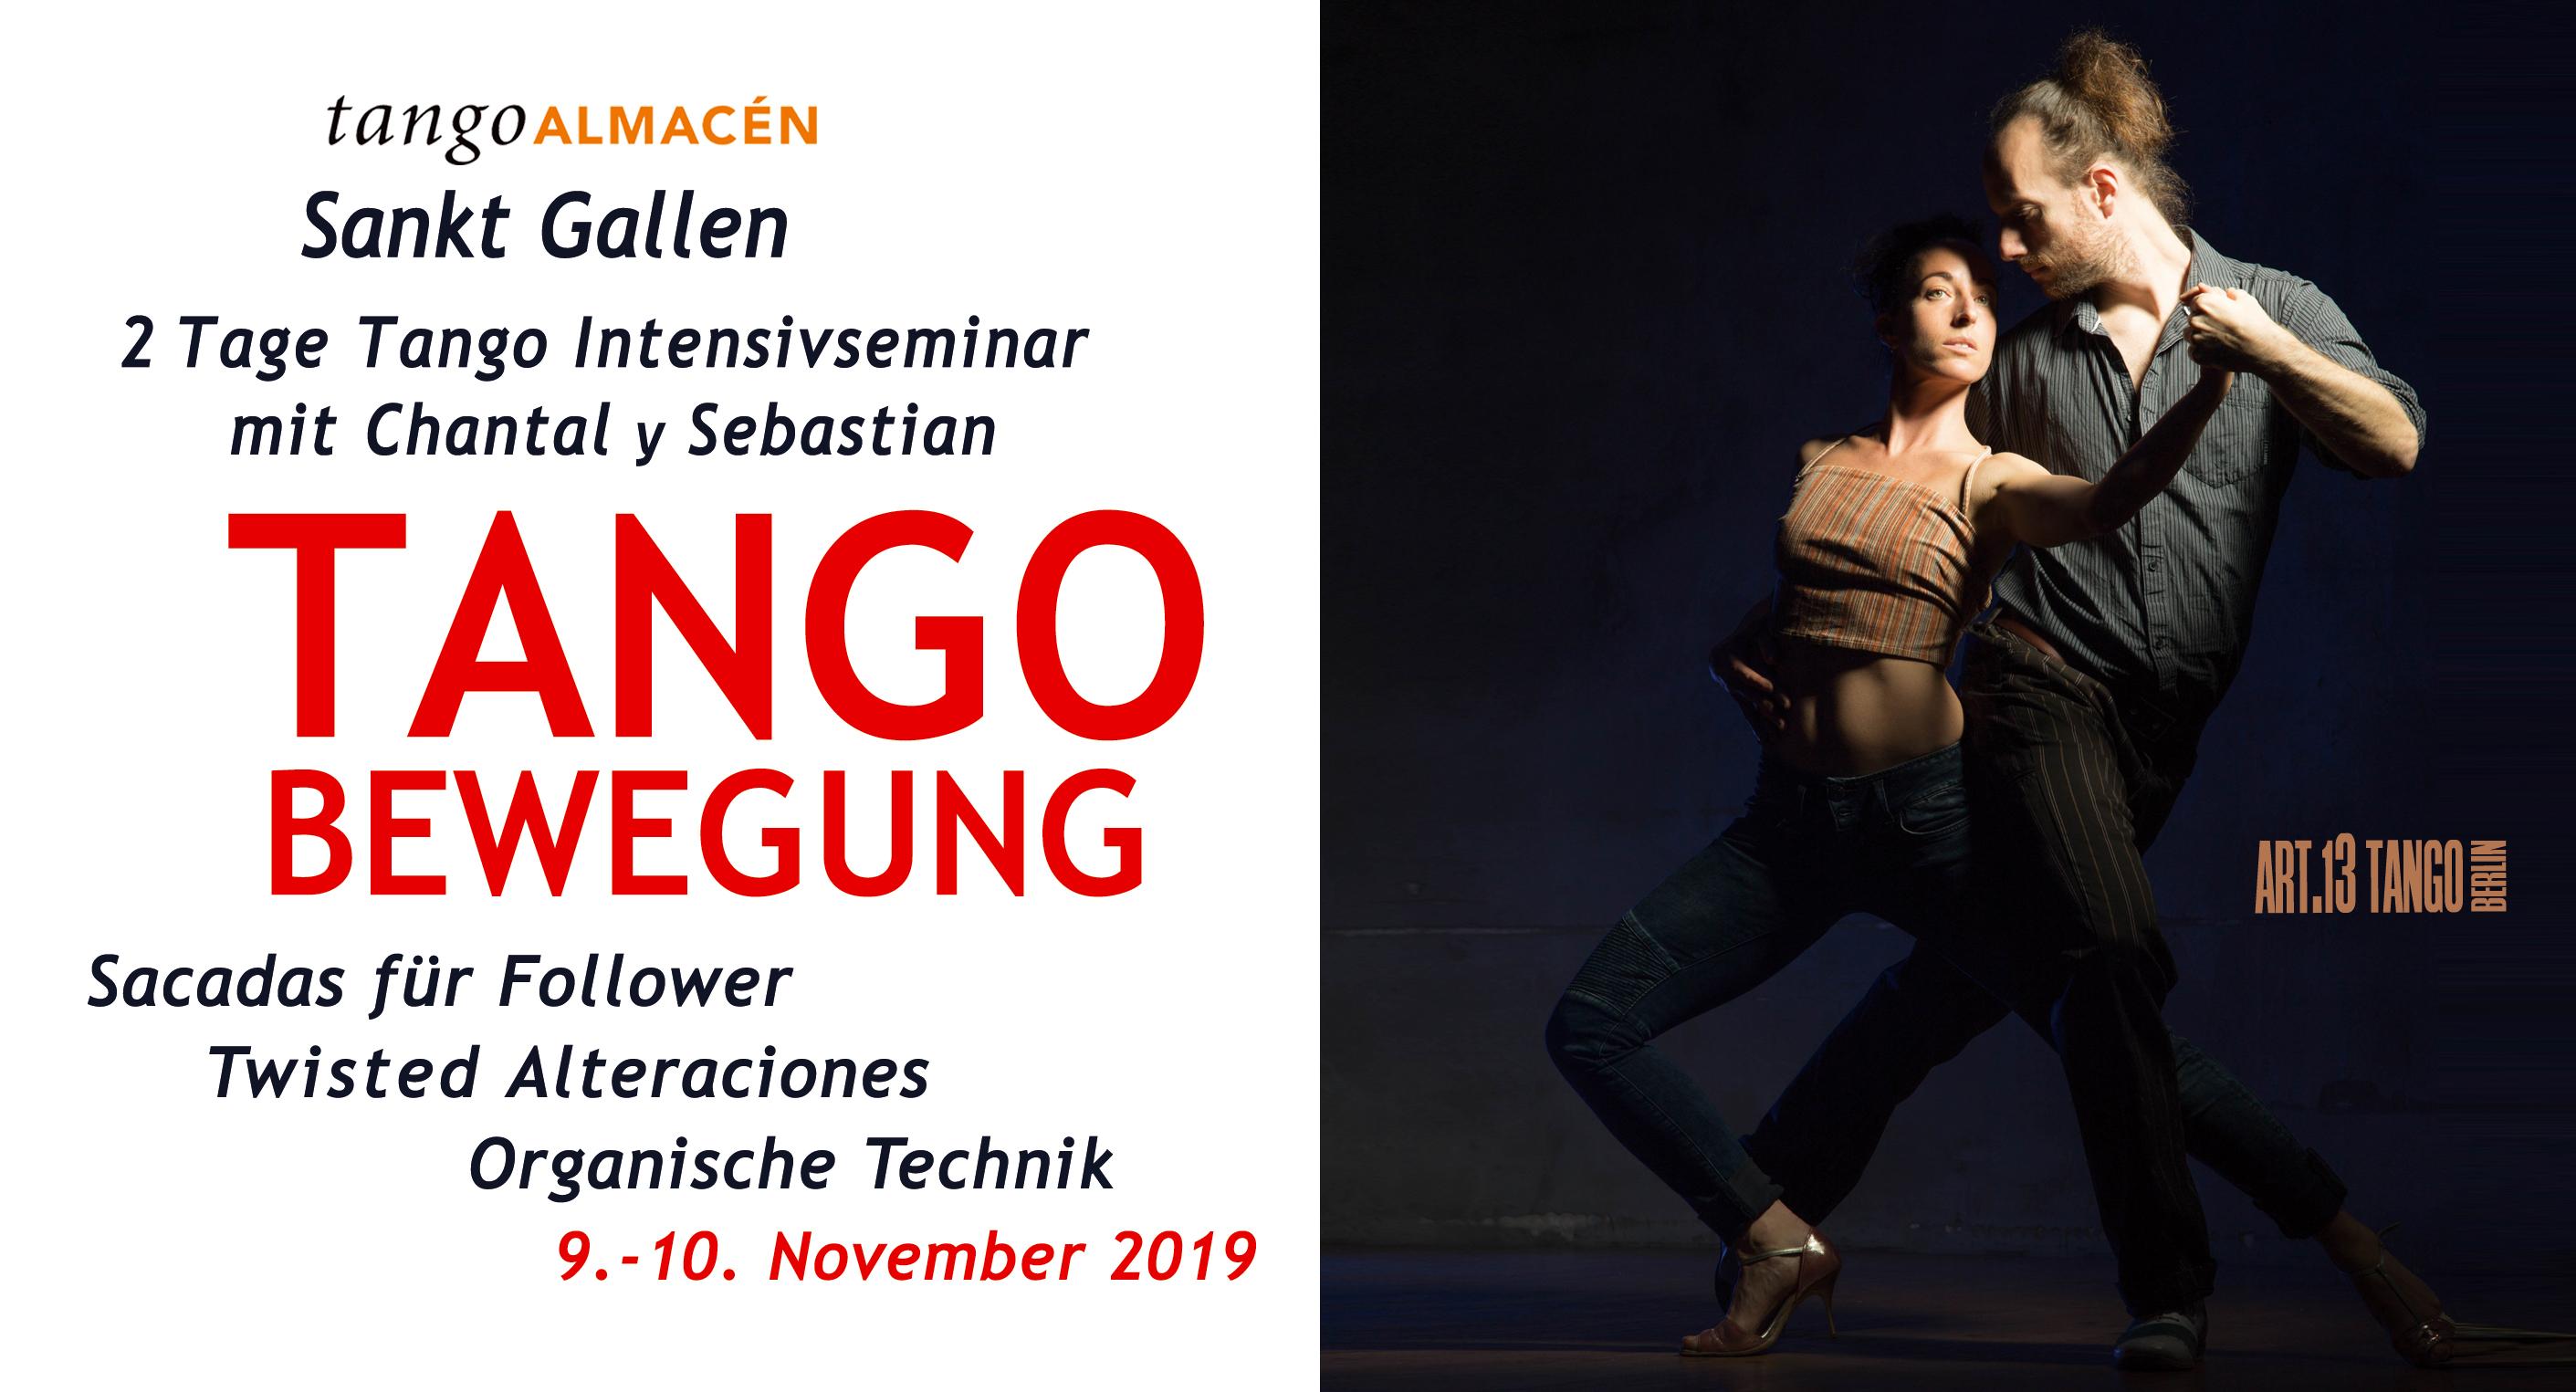 Tangobewegung St. Gallen